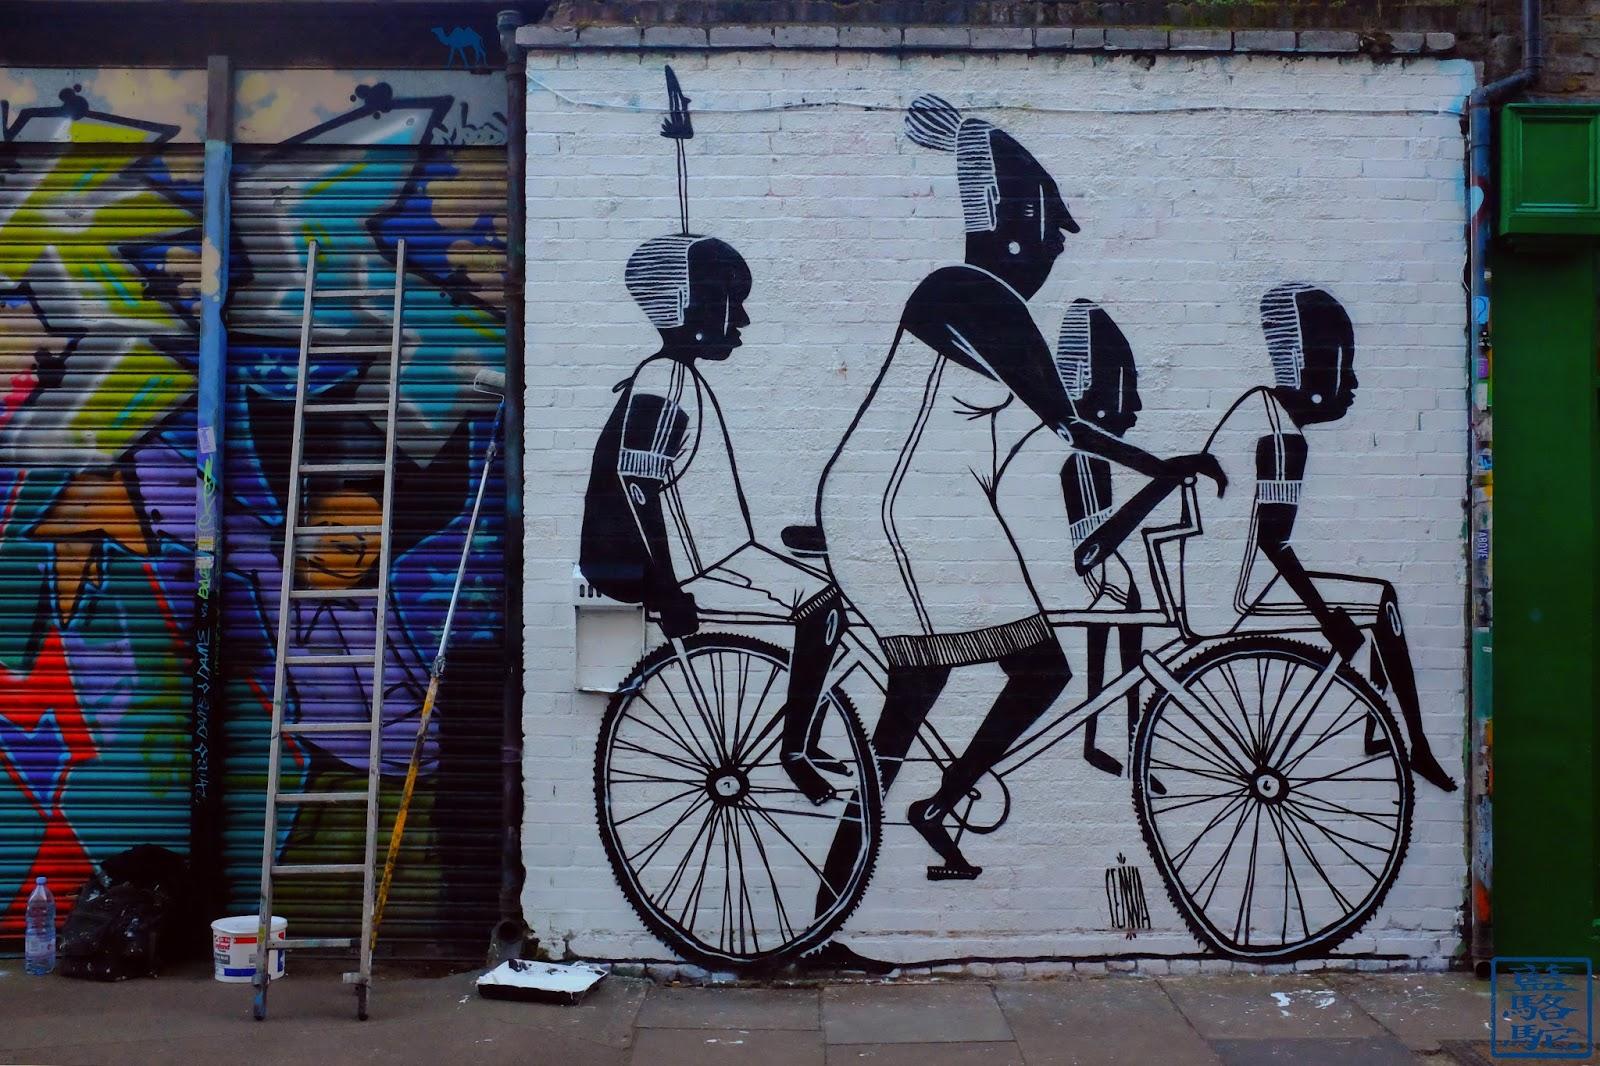 Le Chameau Bleu - Street Art à Shoreditch - Londres - Angleterre